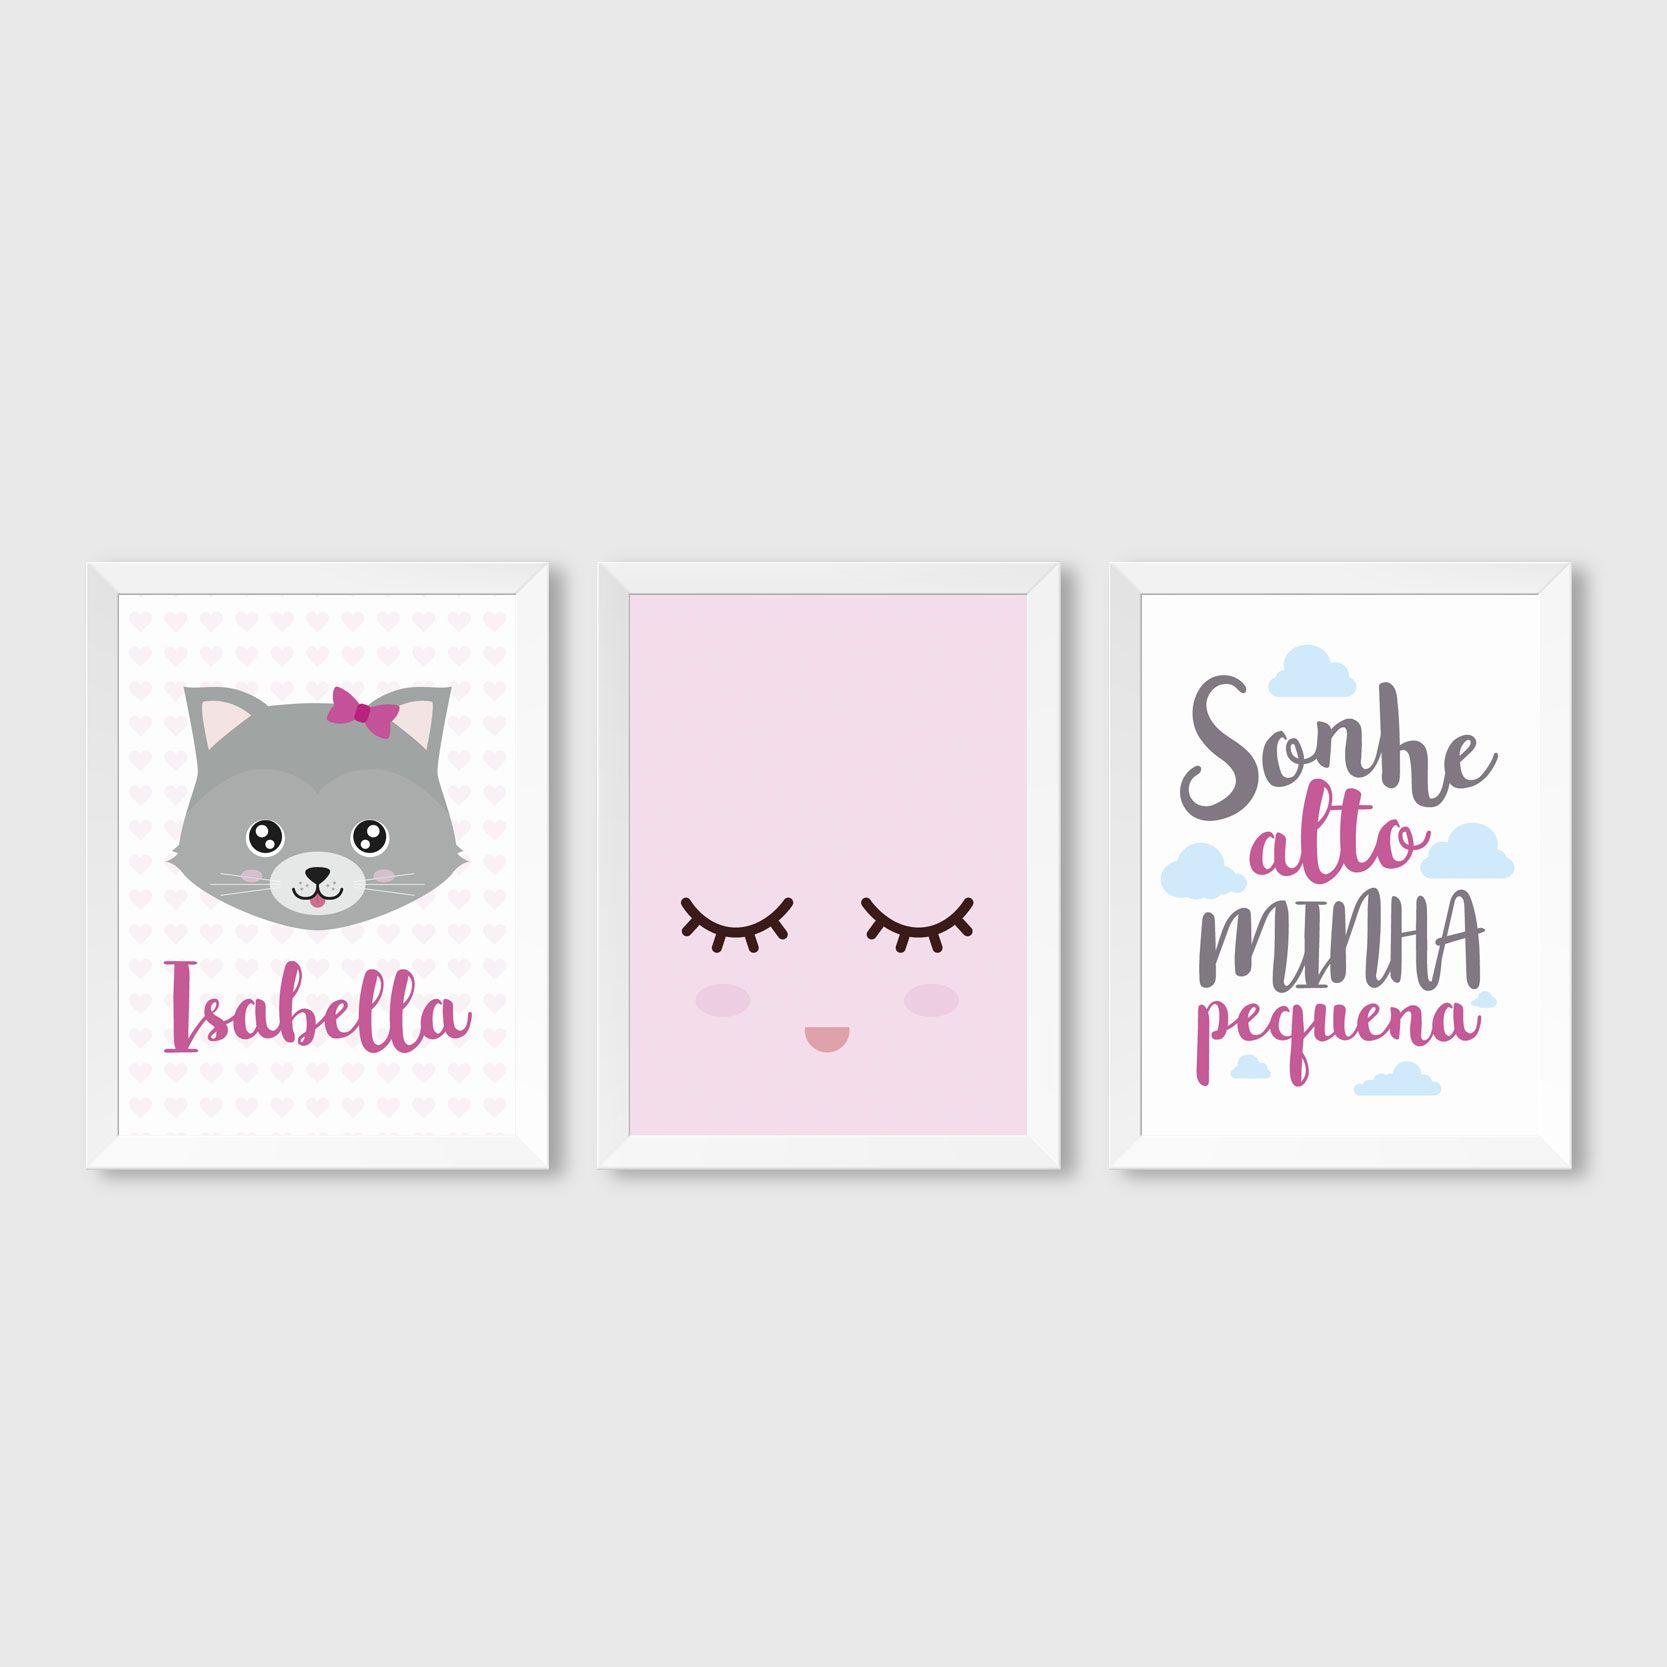 Quadro Infantil Gatinha E Sonhe Alto Minha Pequena Quadro  ~ Como Fazer Quadros Decorativos Para Quarto De Bebe